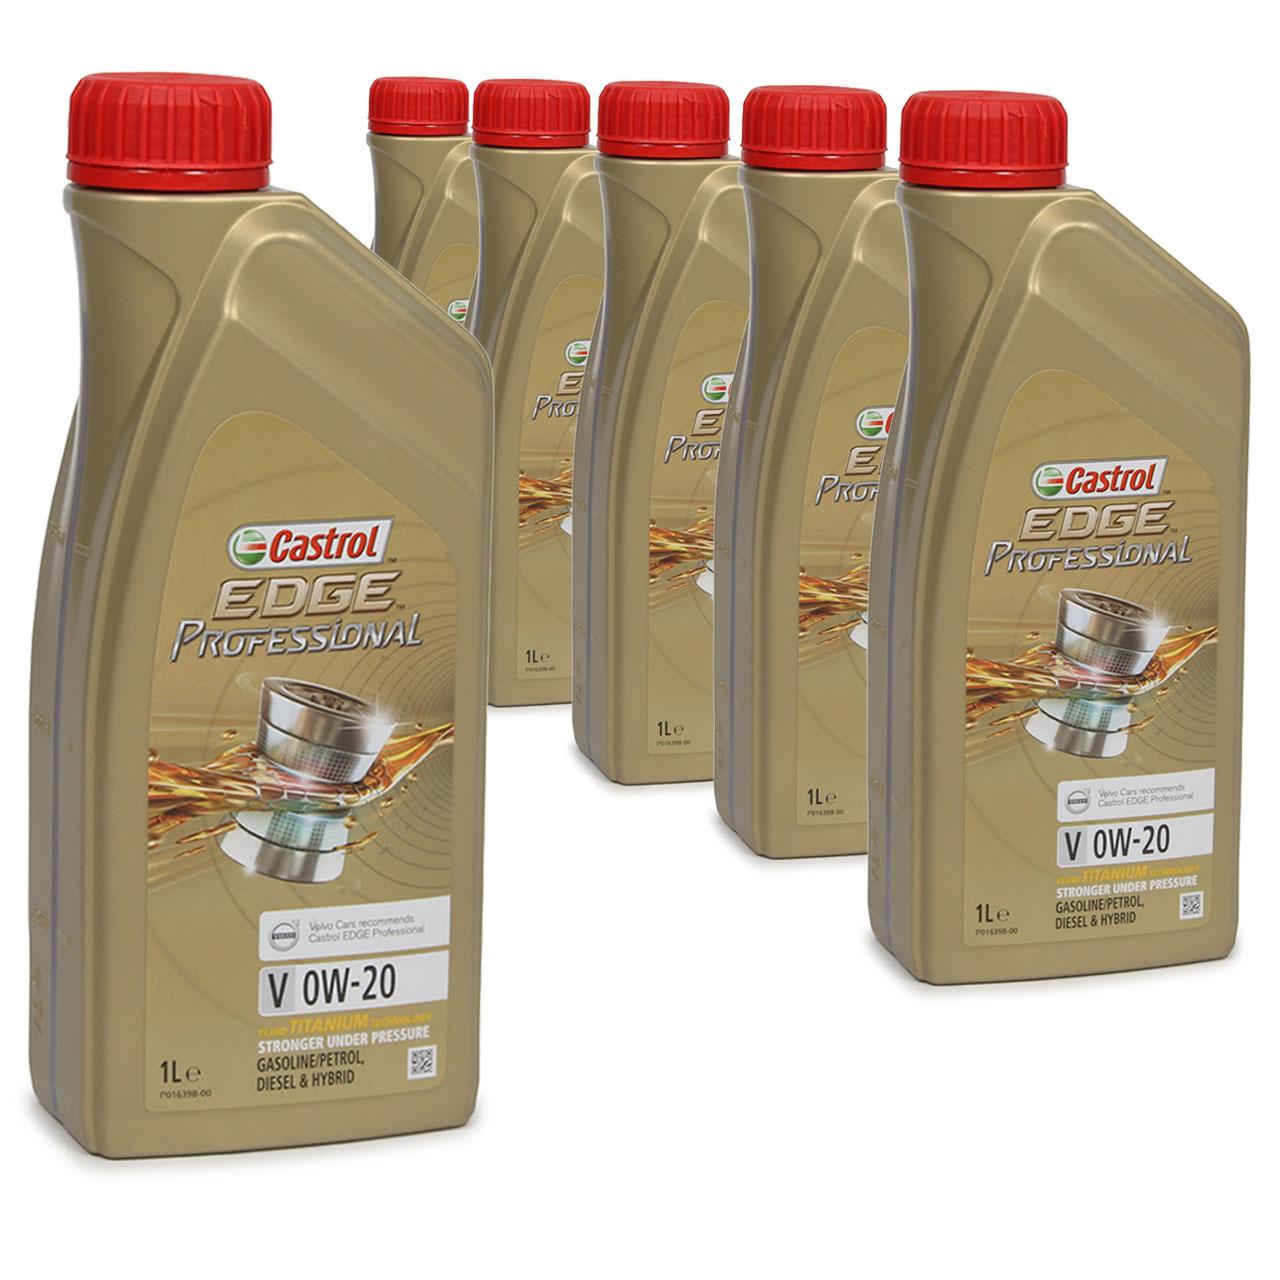 CASTROL EDGE Professional Motoröl ÖL TITANIUM FST V 0W20 C5 für VOLVO - 6 Liter